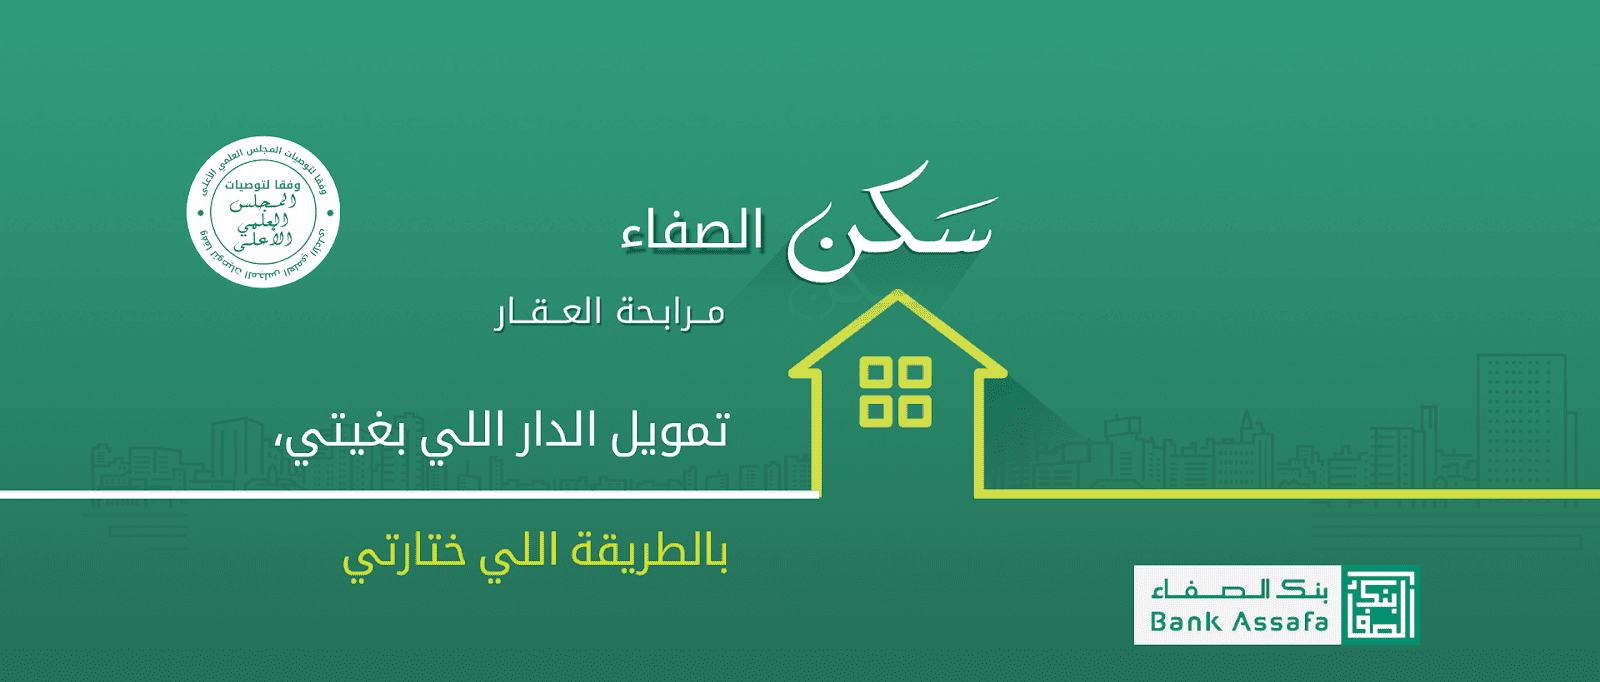 بنك الصفاء: توقيع مجموعة من الاتفاقيات مع مؤسسات النهوض بالأعمال الاجتماعية